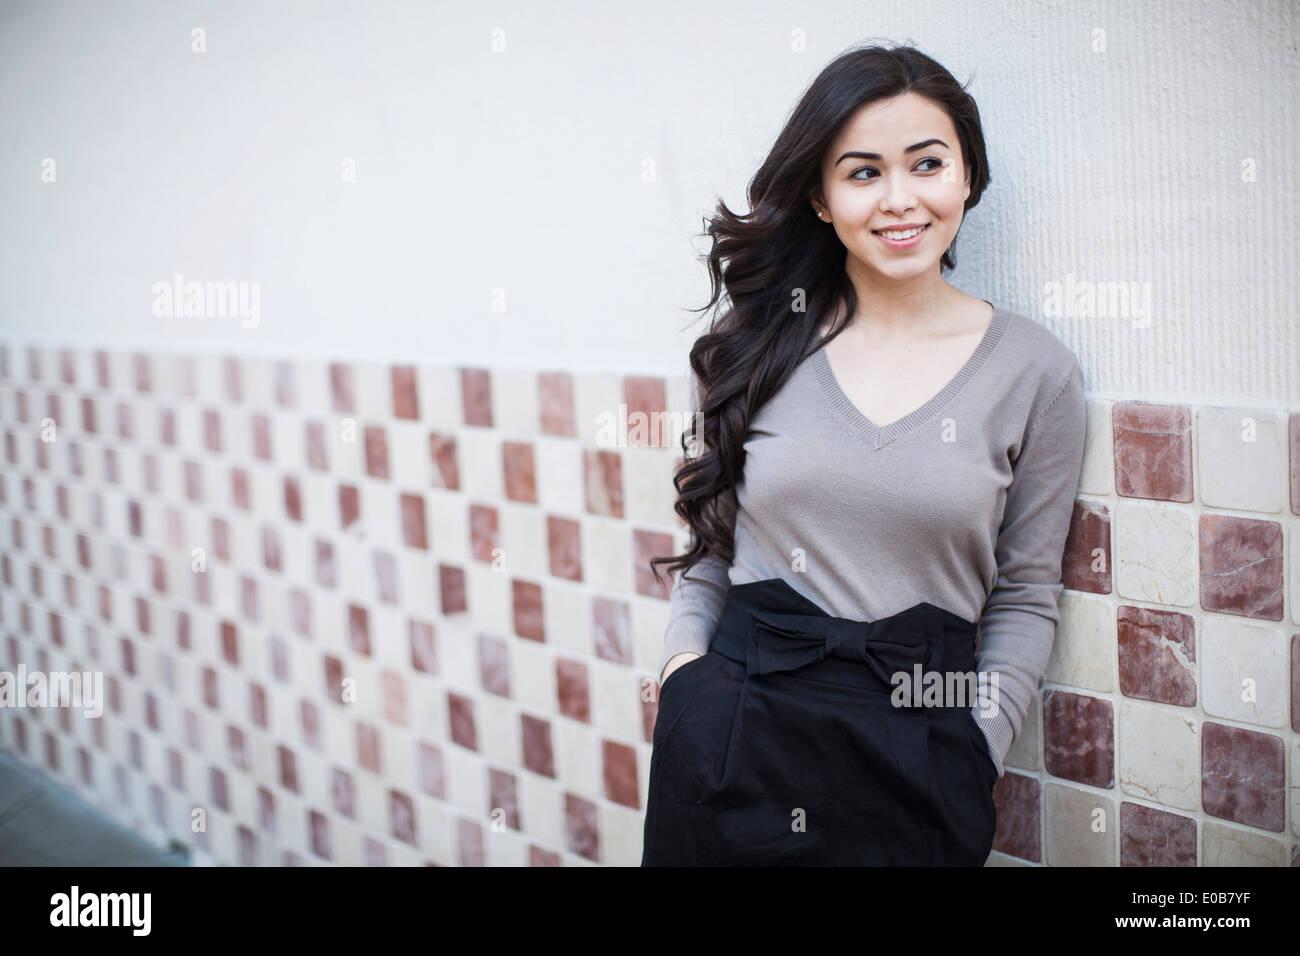 Retrato de mujer joven, apoyado contra la pared de azulejos Imagen De Stock